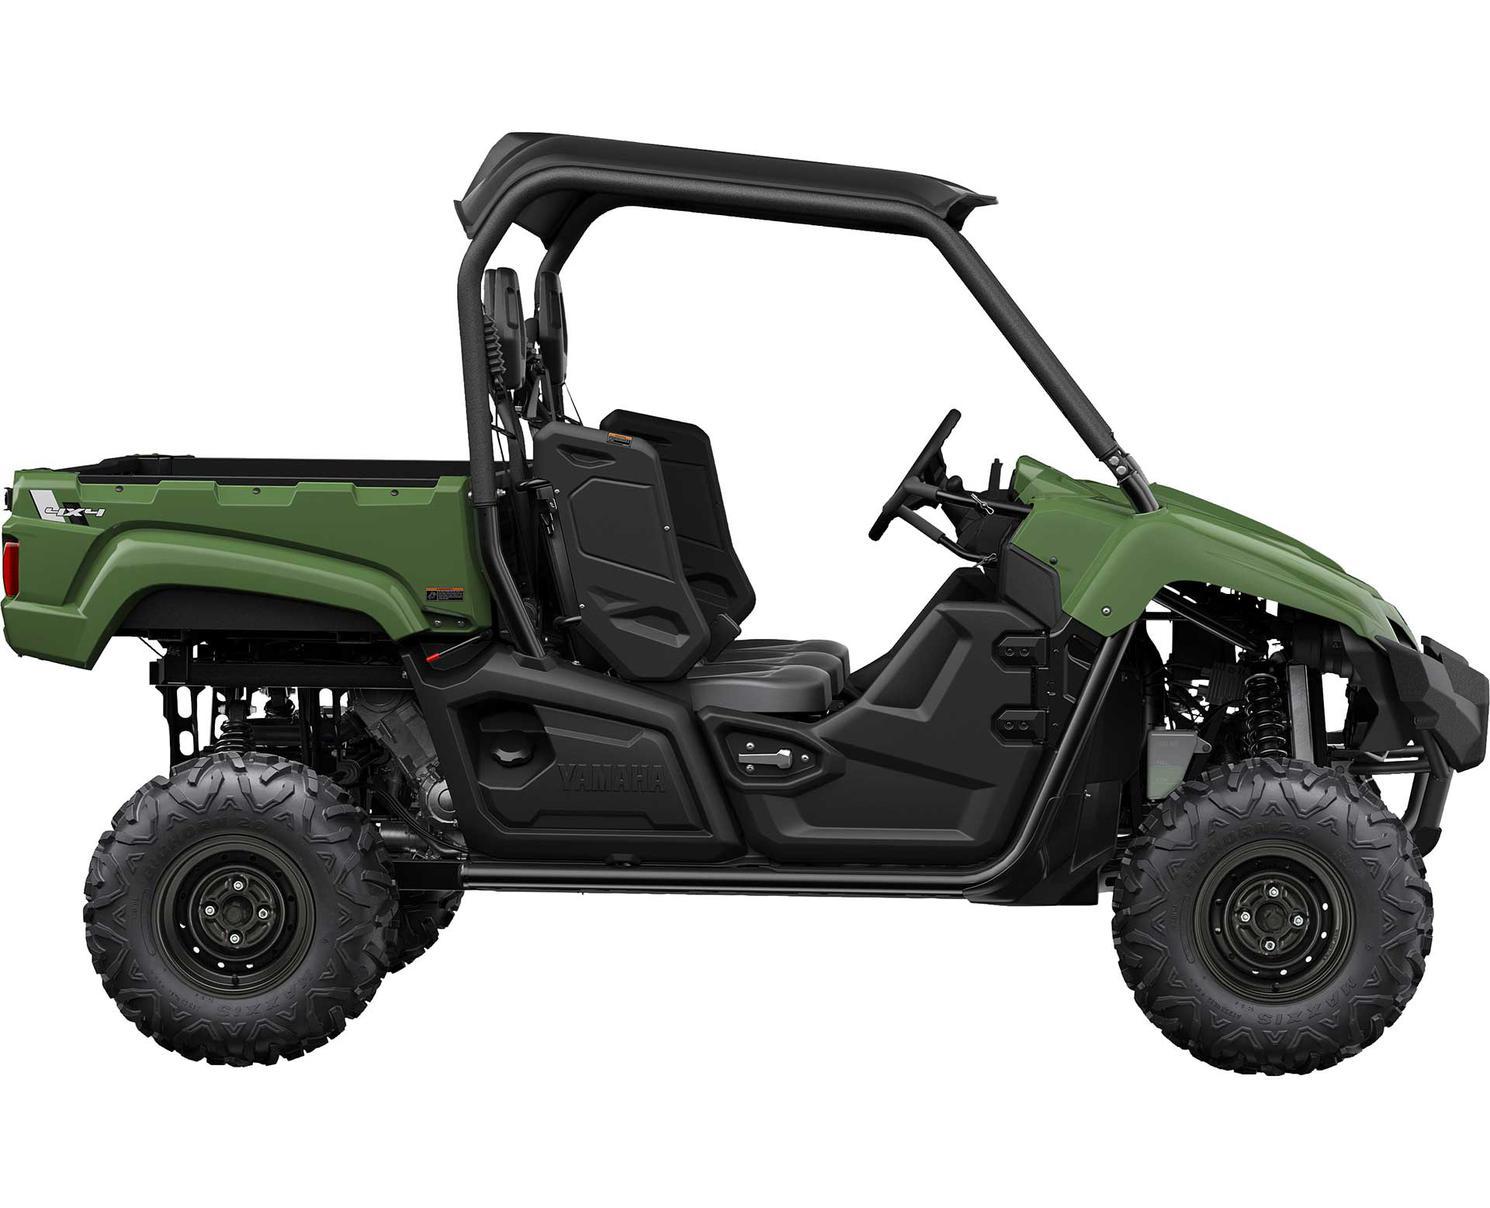 2021 Yamaha Viking EPS Tactical Green